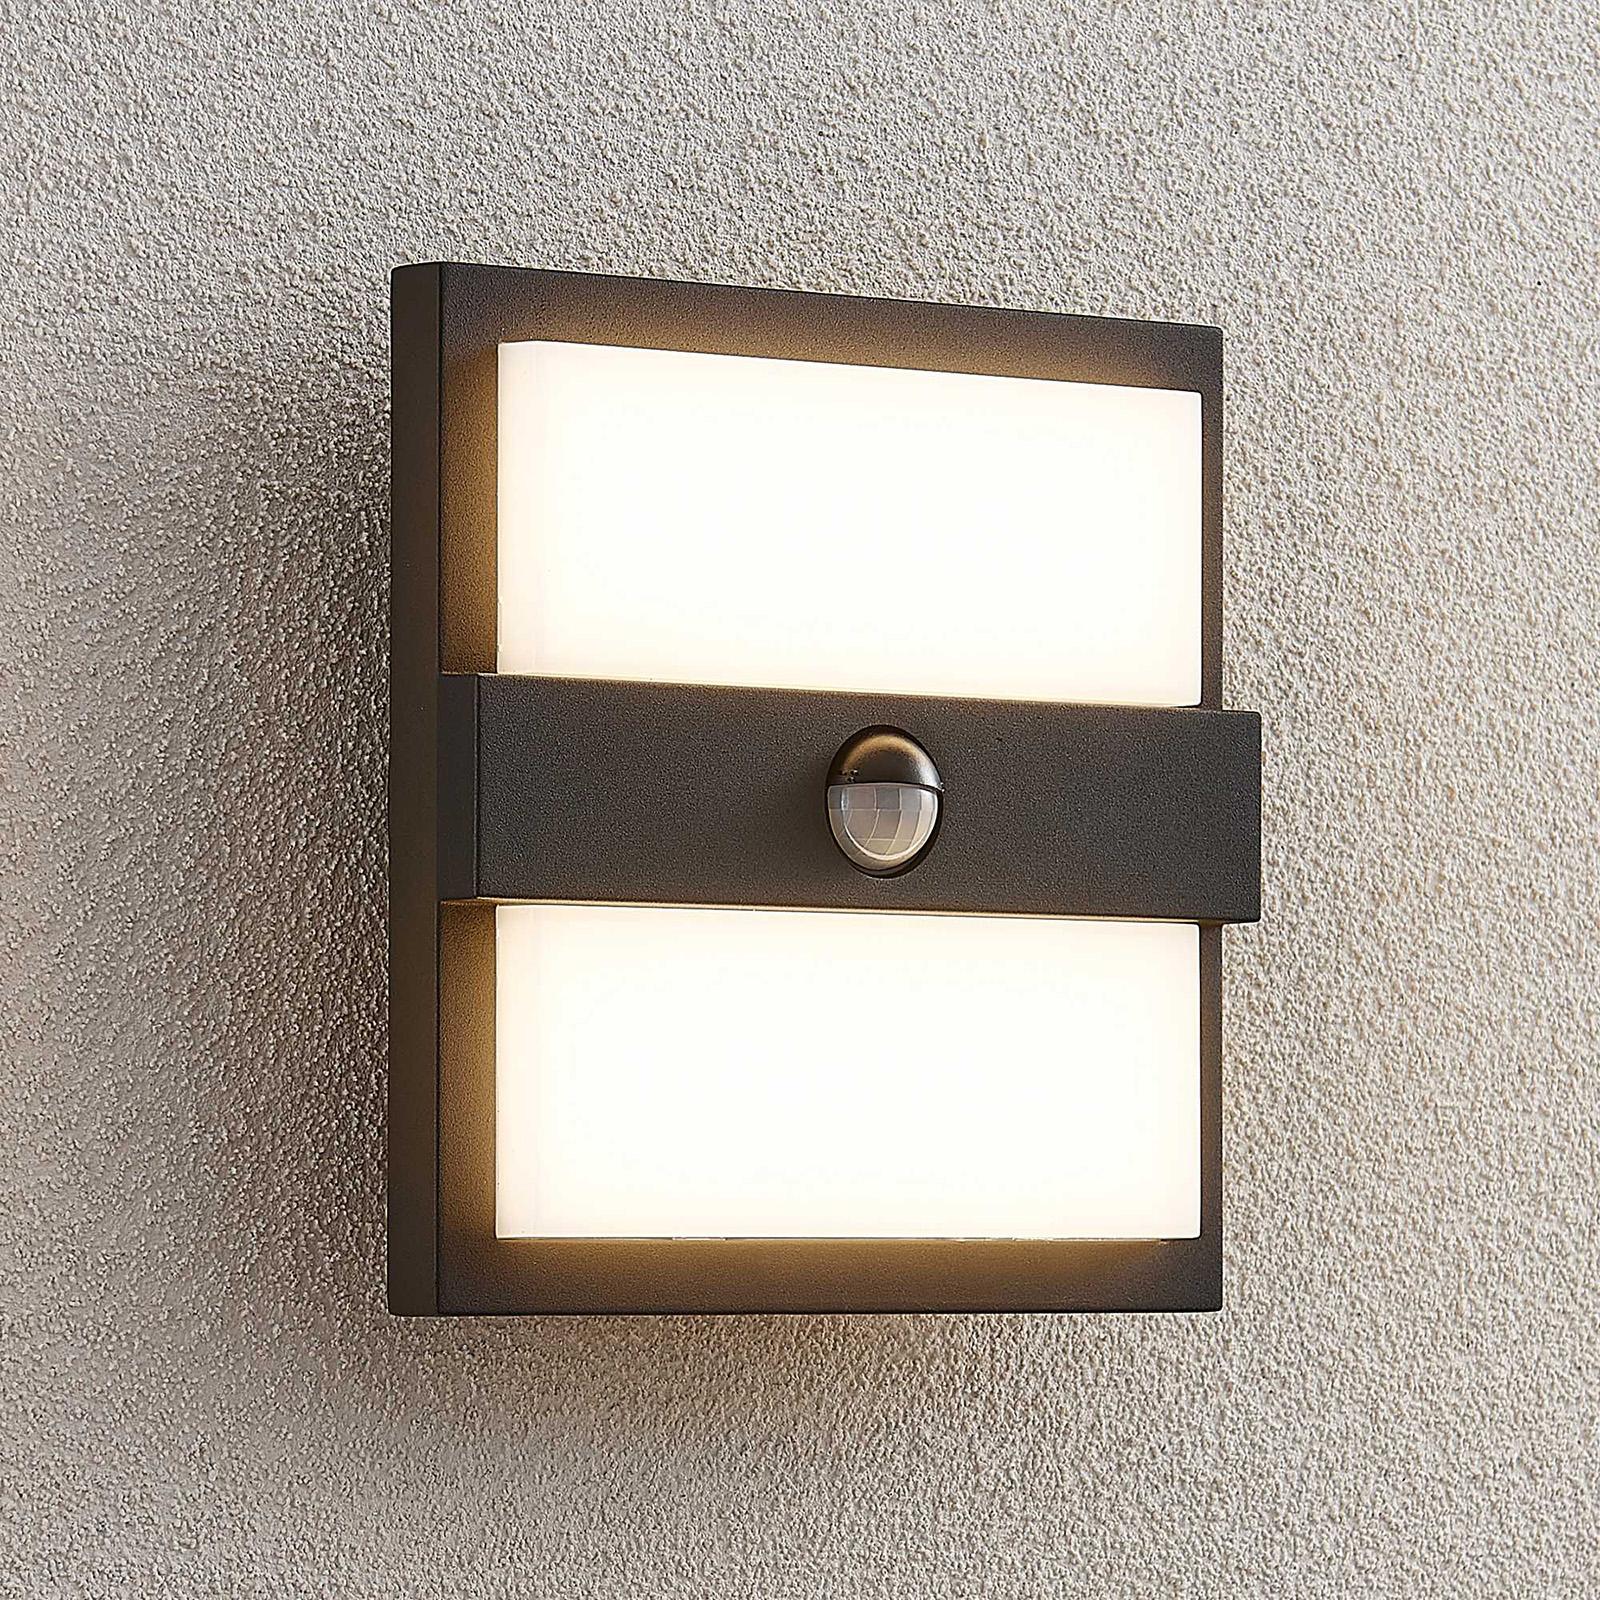 Lucande Gylfi LED-vägglampa kvadratisk med sensor